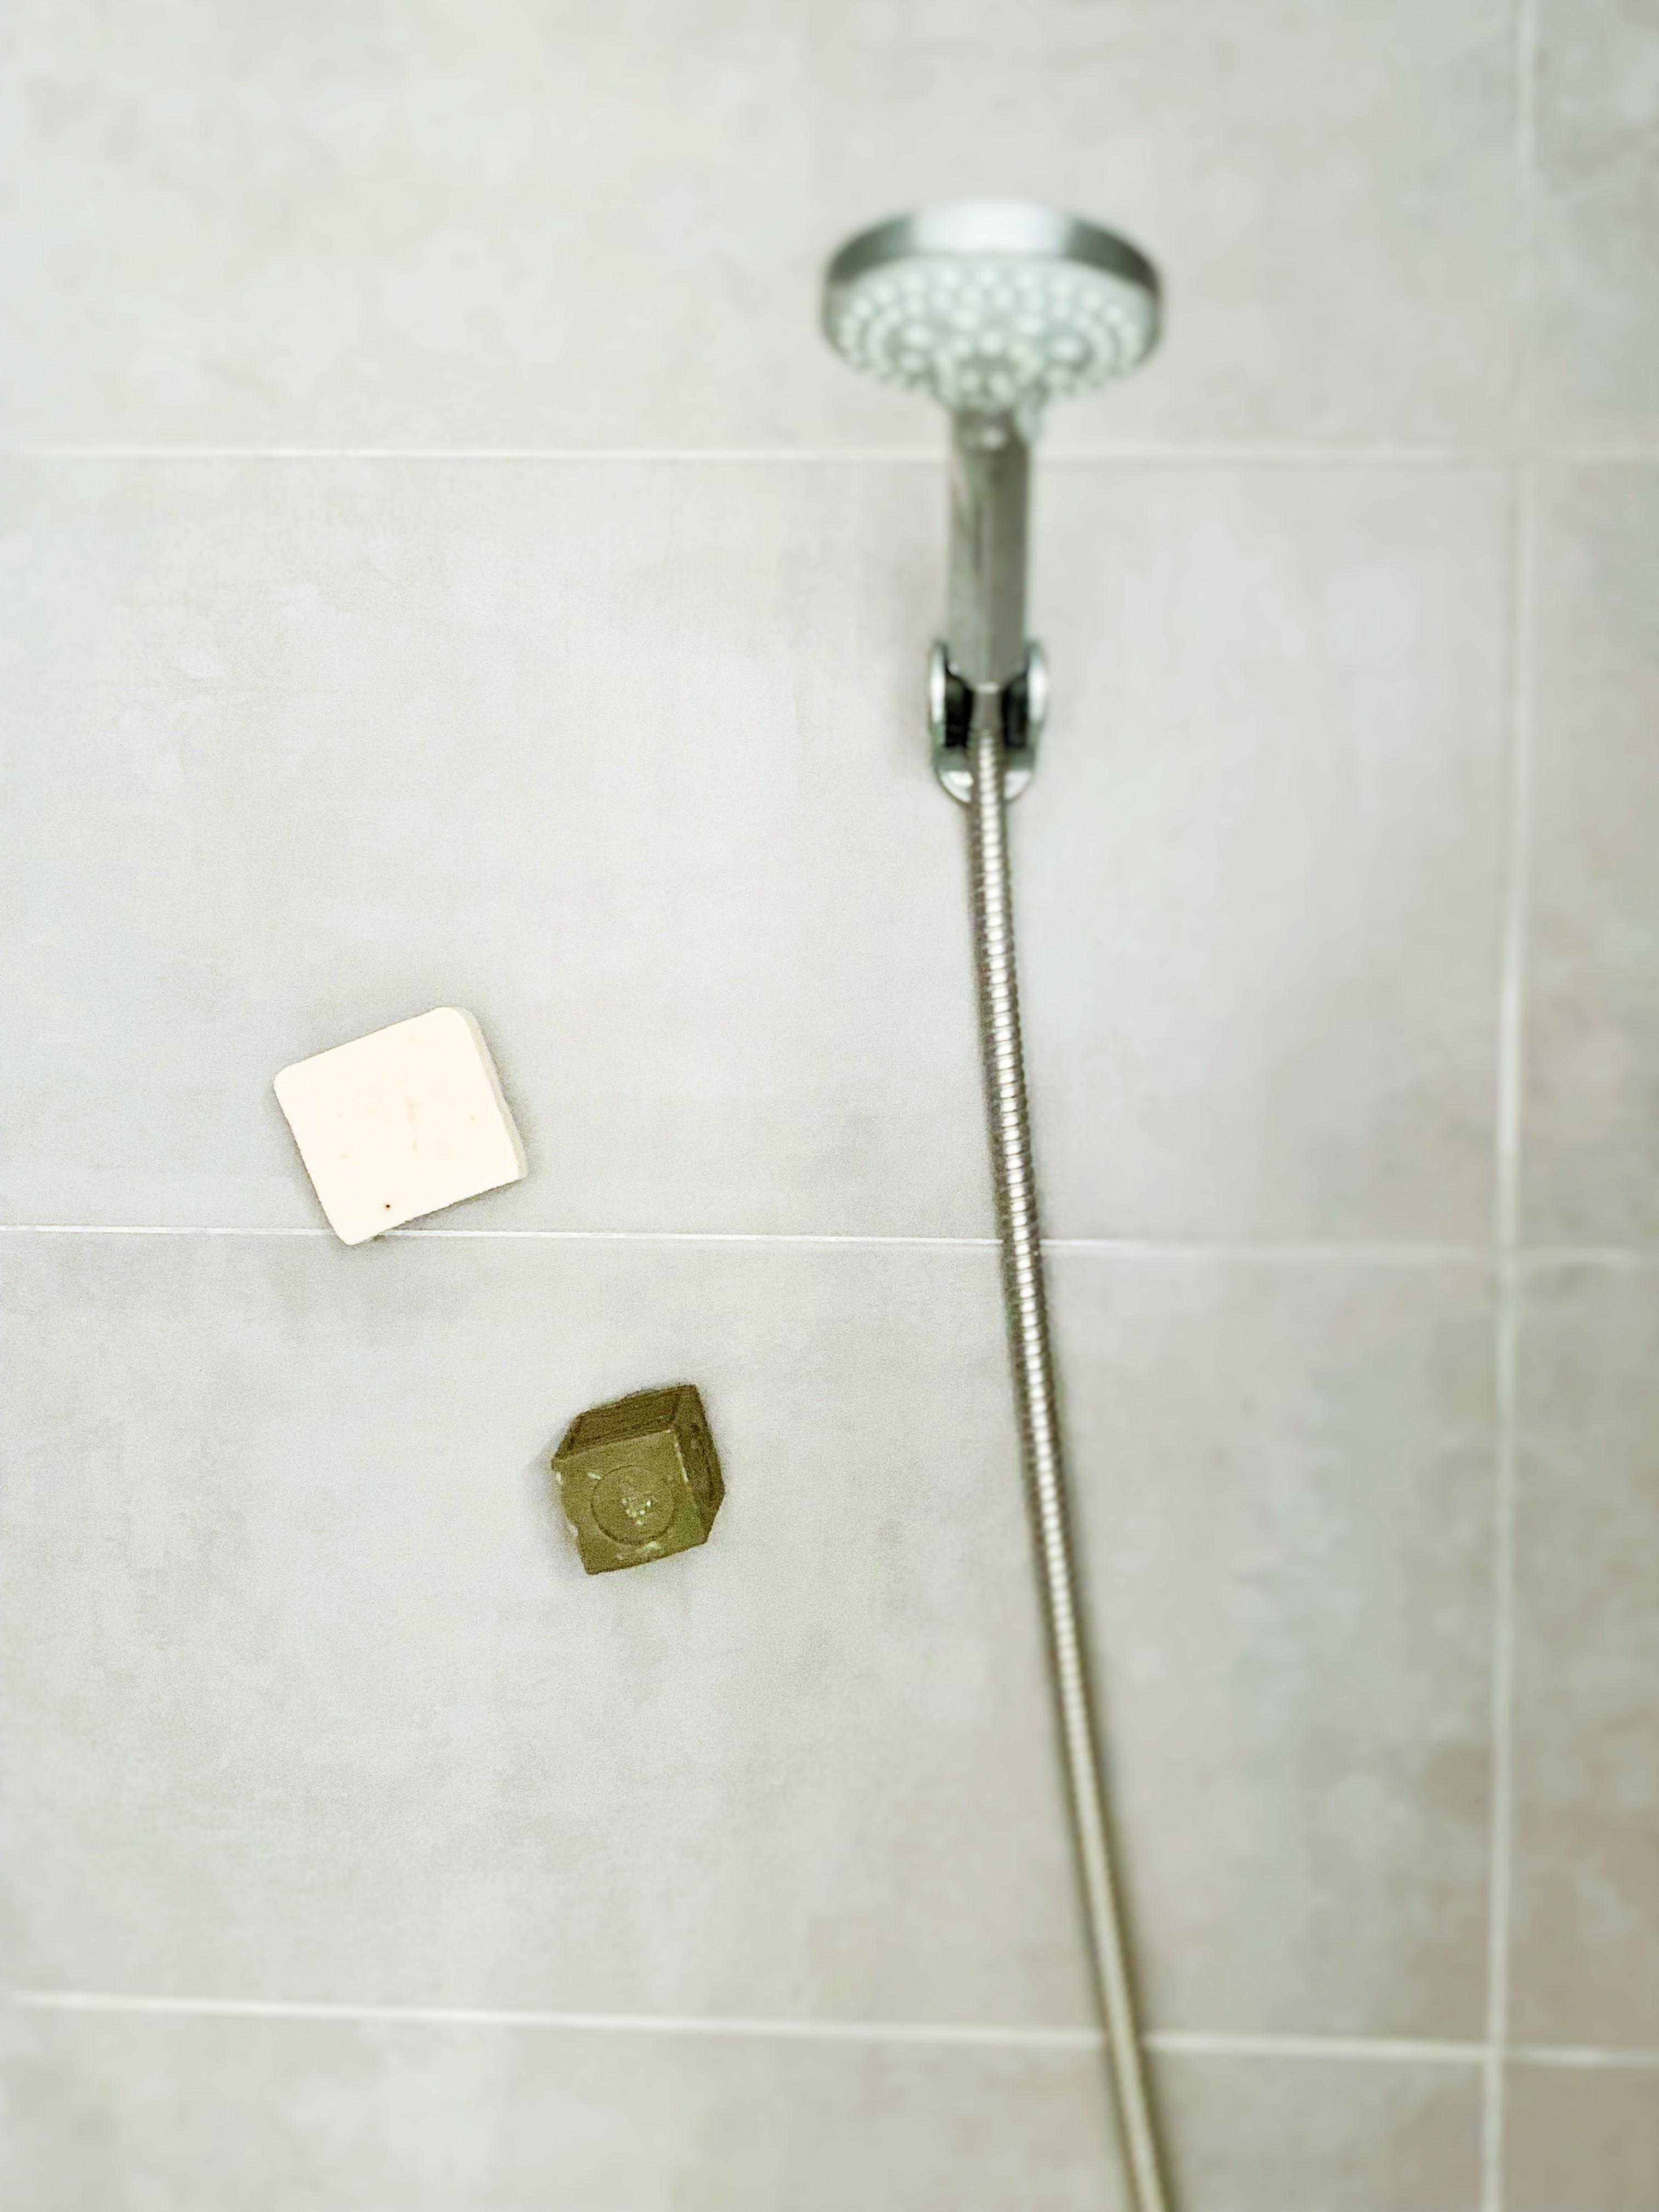 La magie opère même dans la douche. Des soins solides en ordre et en suspension. Merci le porte-savon minimaliste !